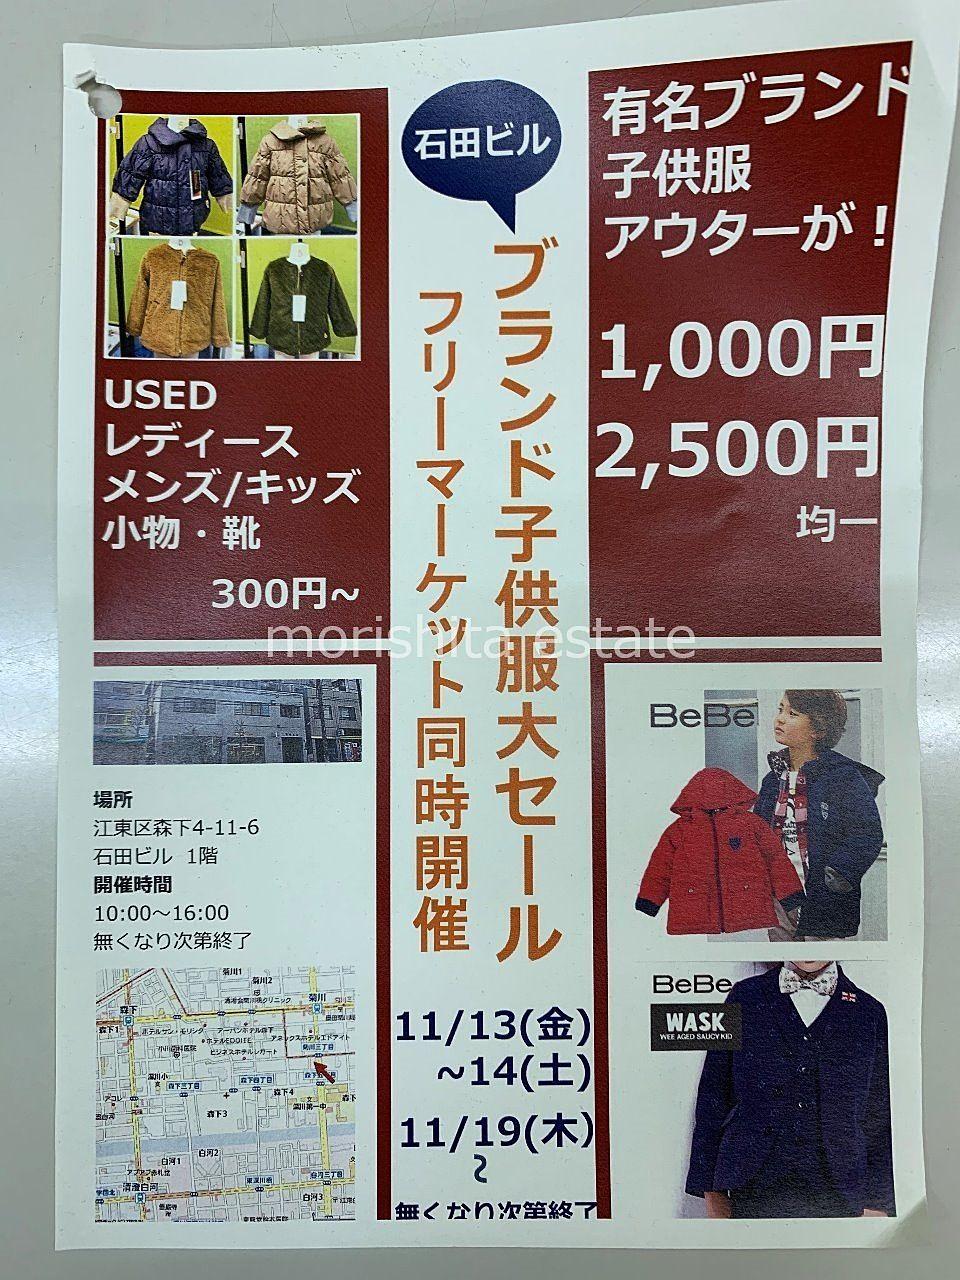 森下 菊川 ブランド子供服 セール フリーマーケット 写真